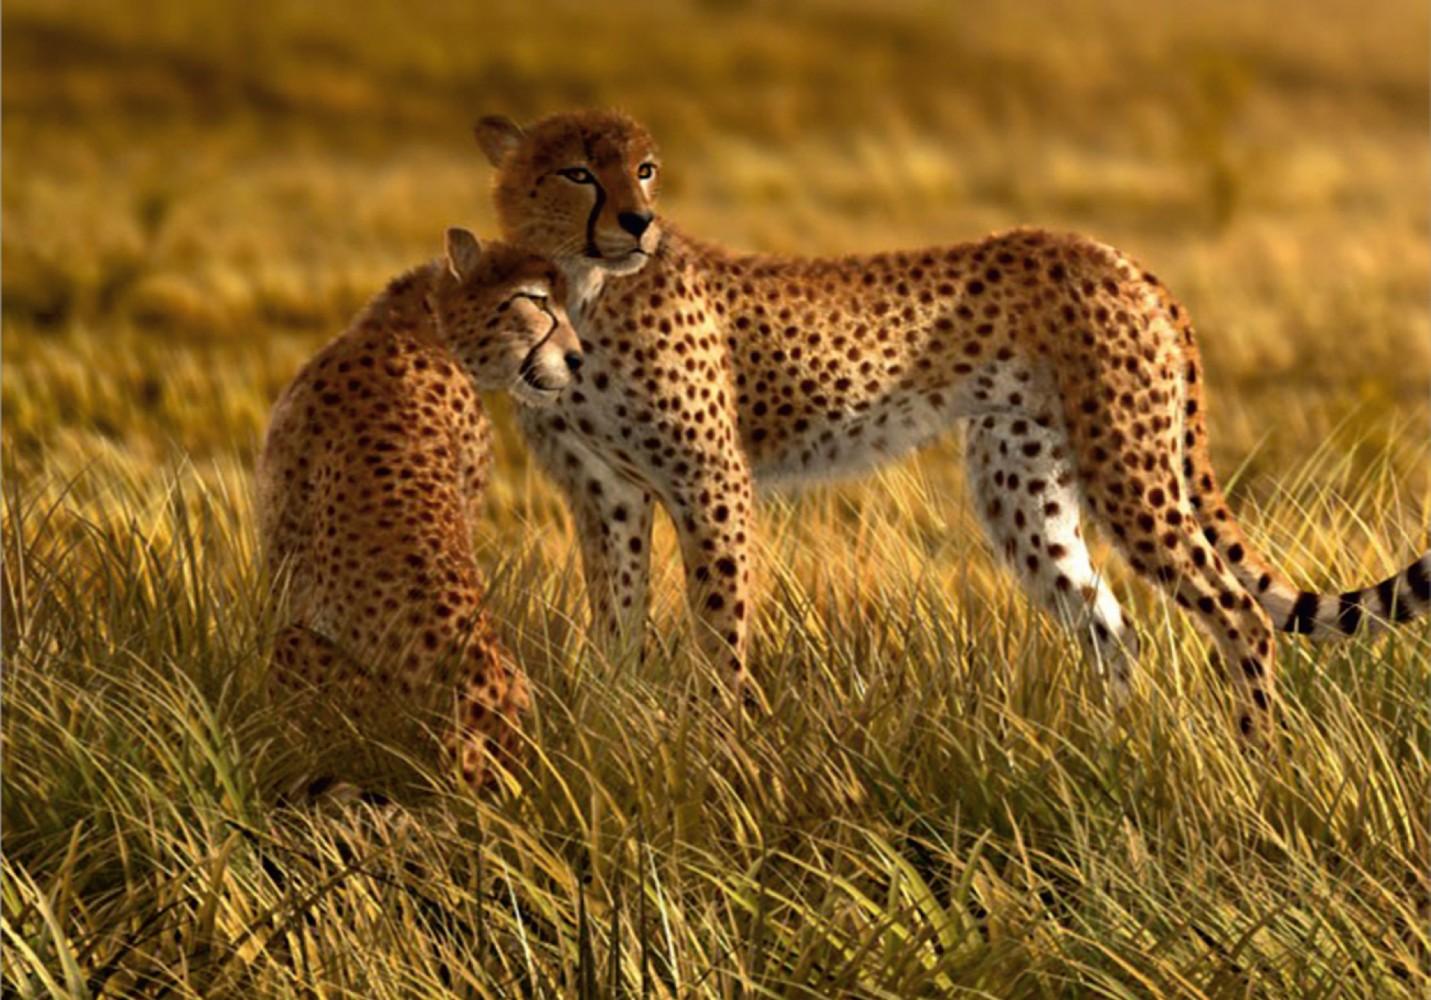 Wall Mural Wallpaper Nature Wilderness Animals Cheetah